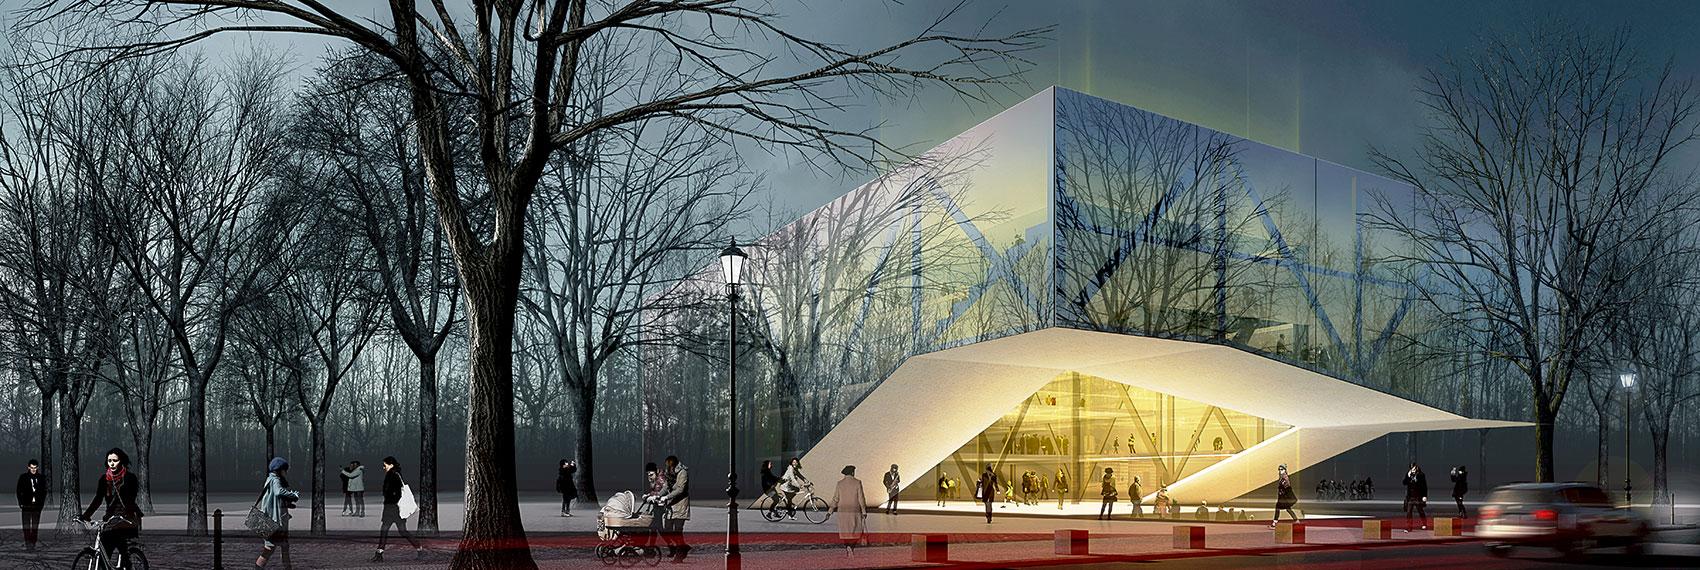 Archmodell architekturvisualisierung architekturillustration - Architekturvisualisierung berlin ...